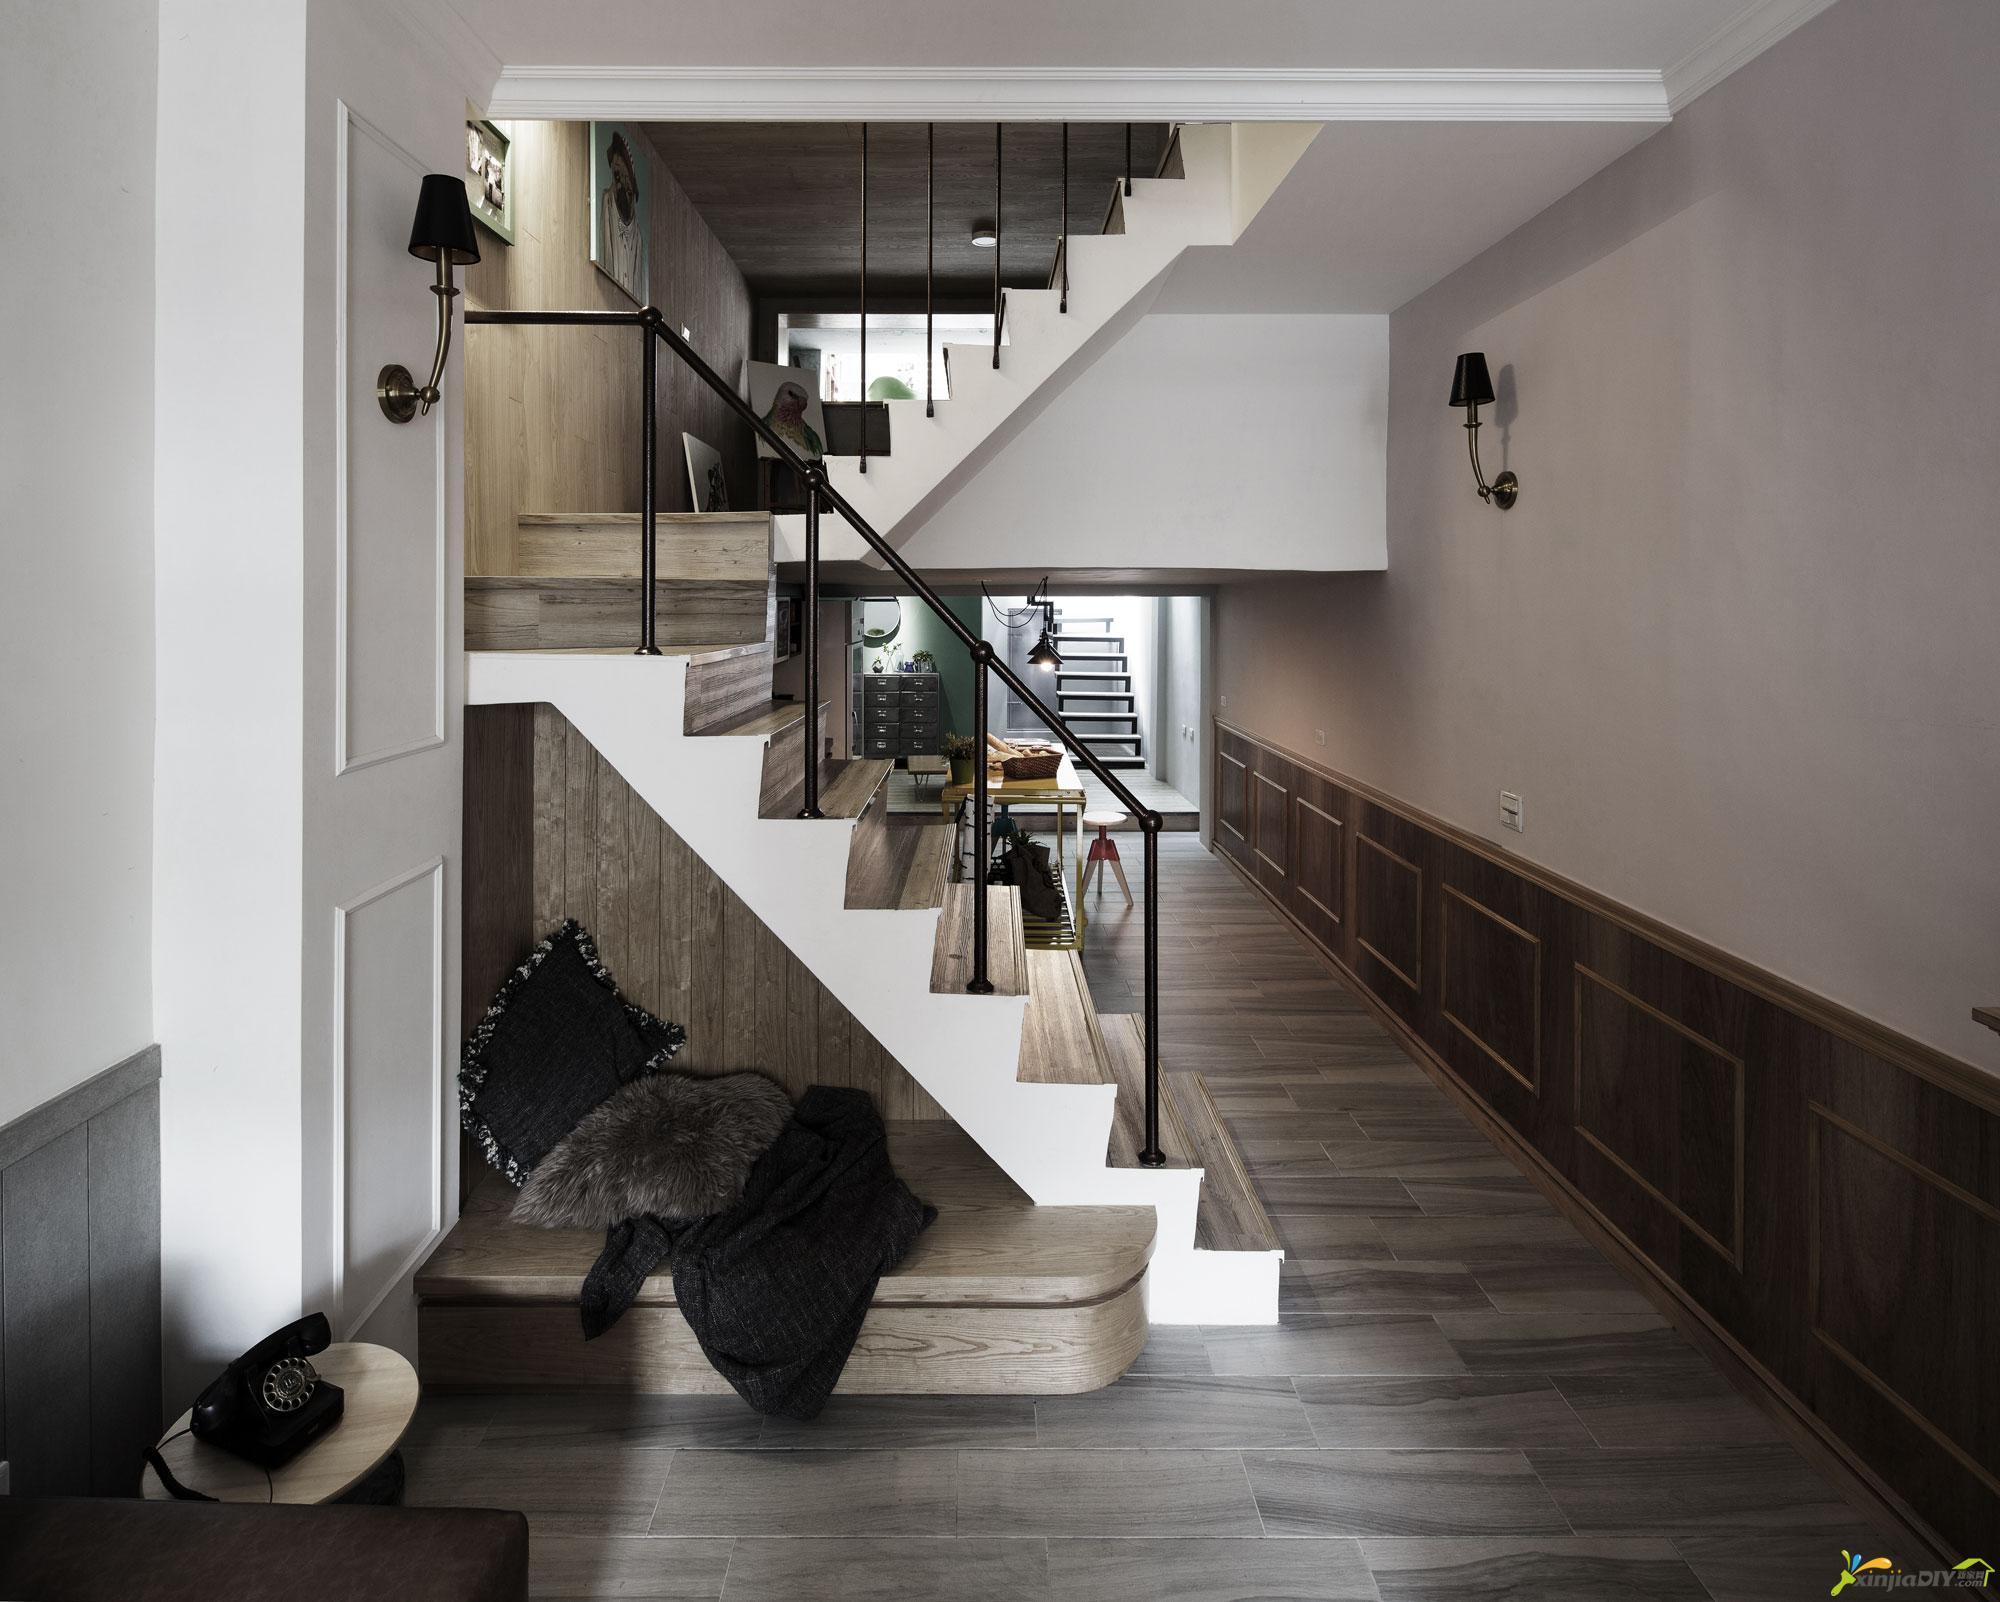 5米高臥室適合做閣樓裝修設計嗎?